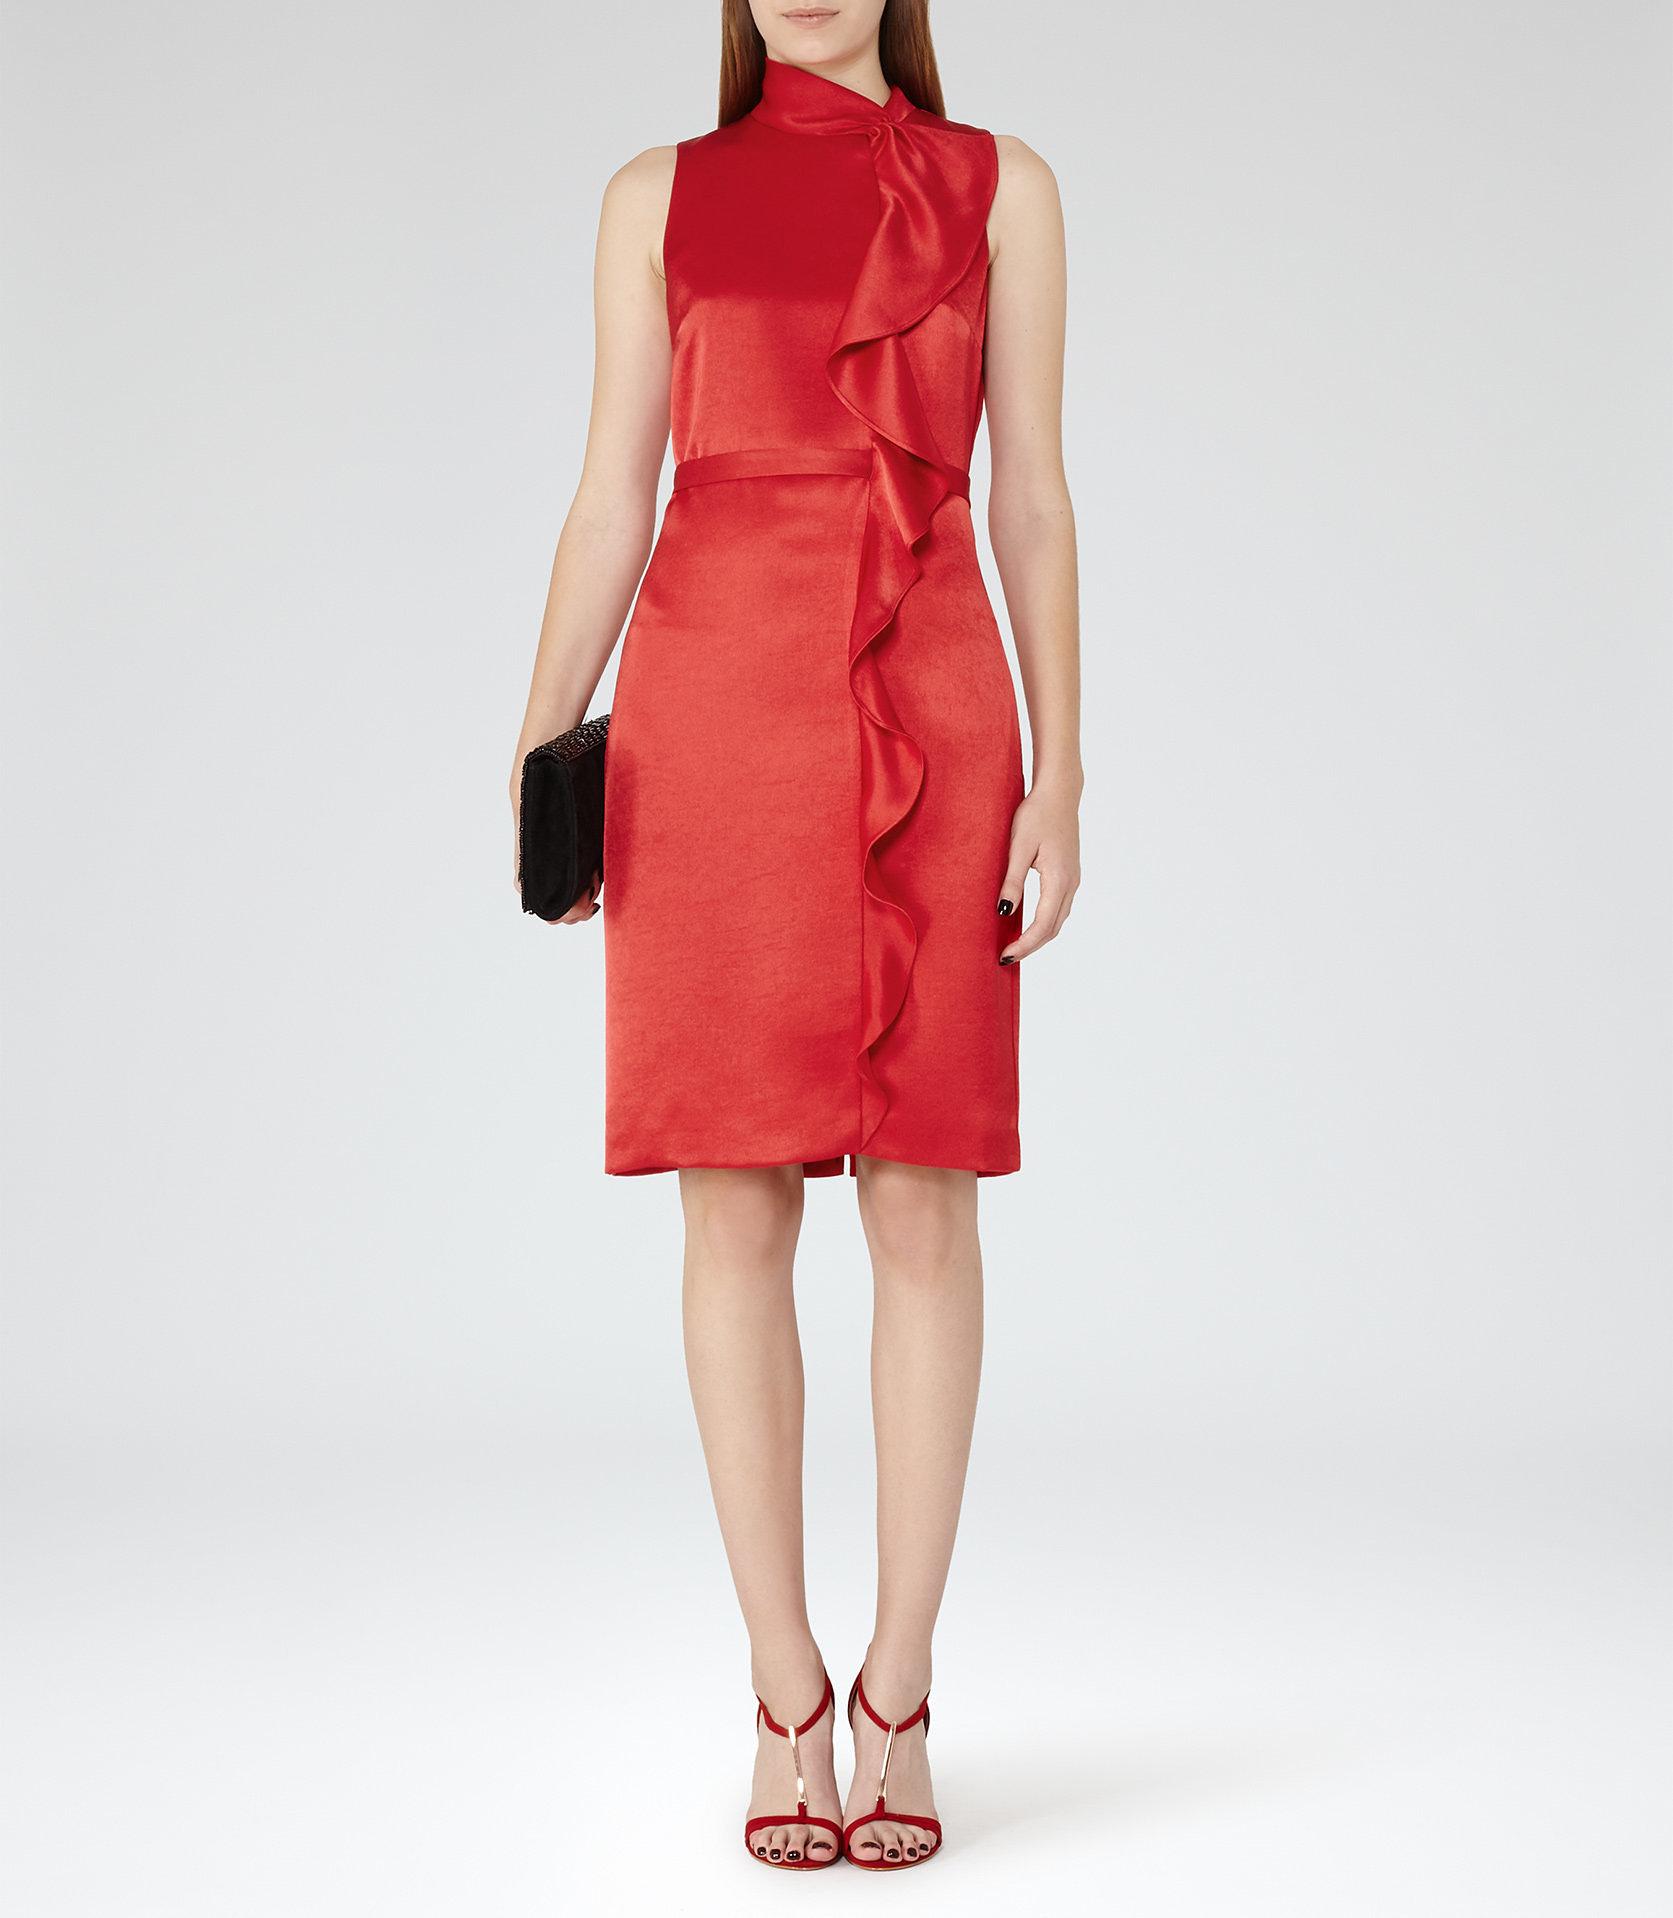 Lola china red dress